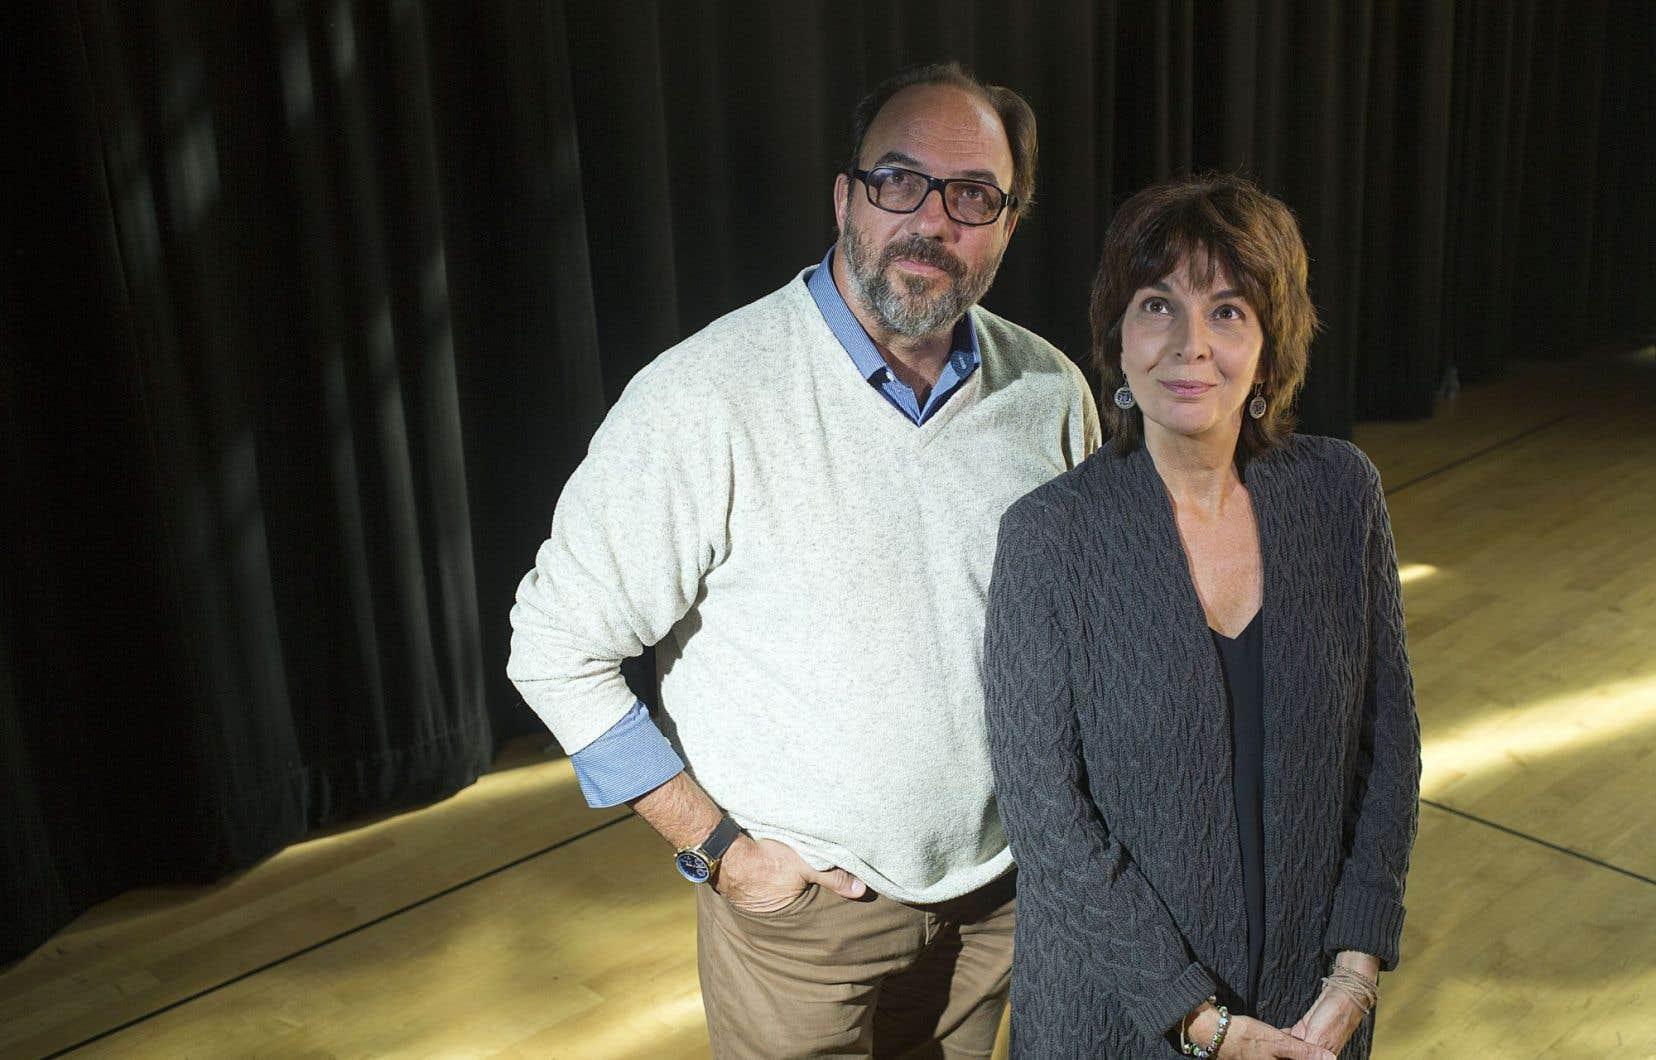 Ça fera bientôt 40ans que ces cousins, Denis et Micheline, foulent toutes les scènes, mais ce sera la première fois que le metteur en scène dirigera l'actrice.